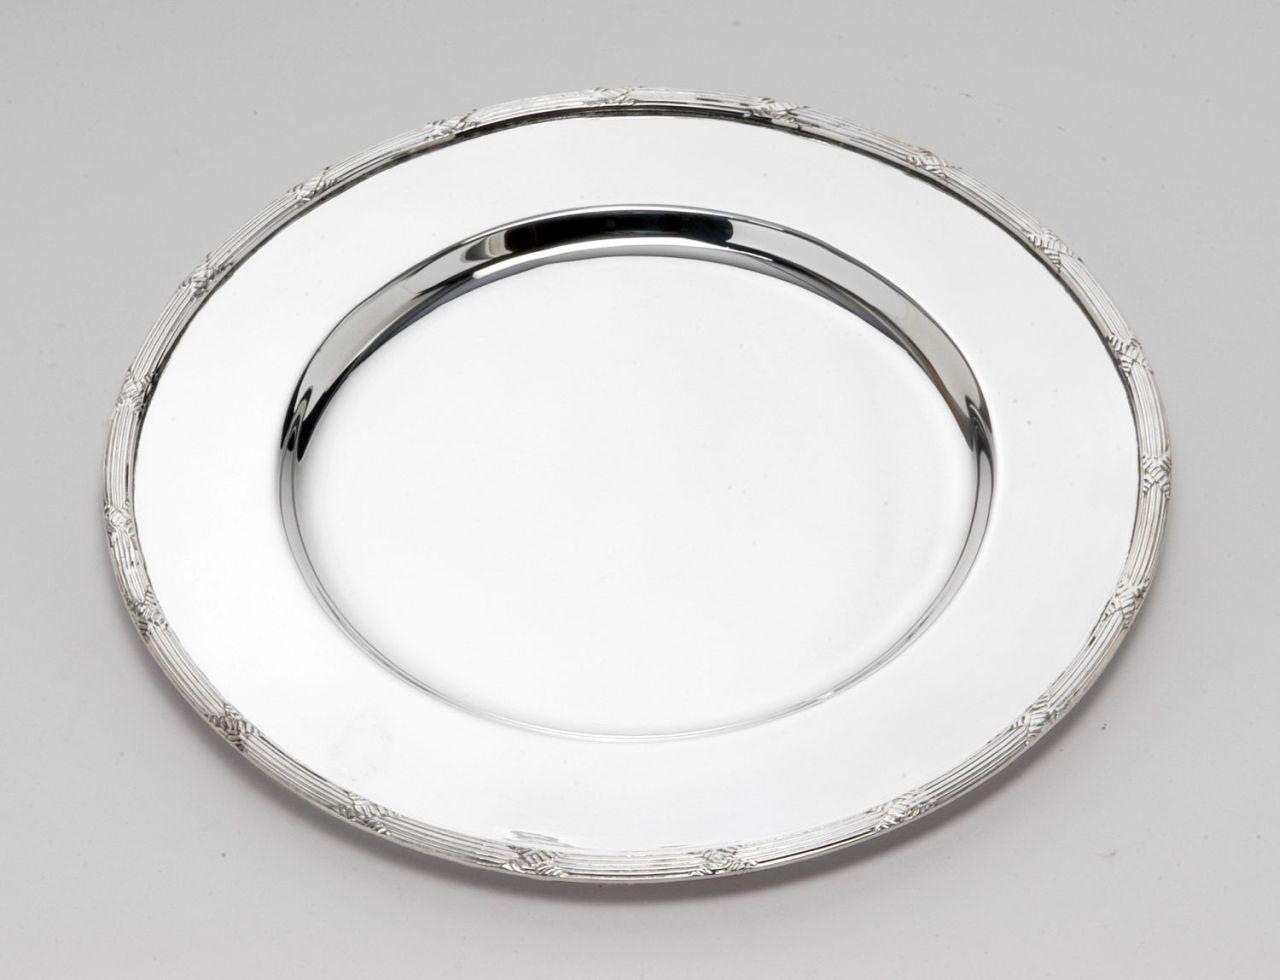 Sottopiatto stile Rubans argentato argento sheffield cm.diam.34